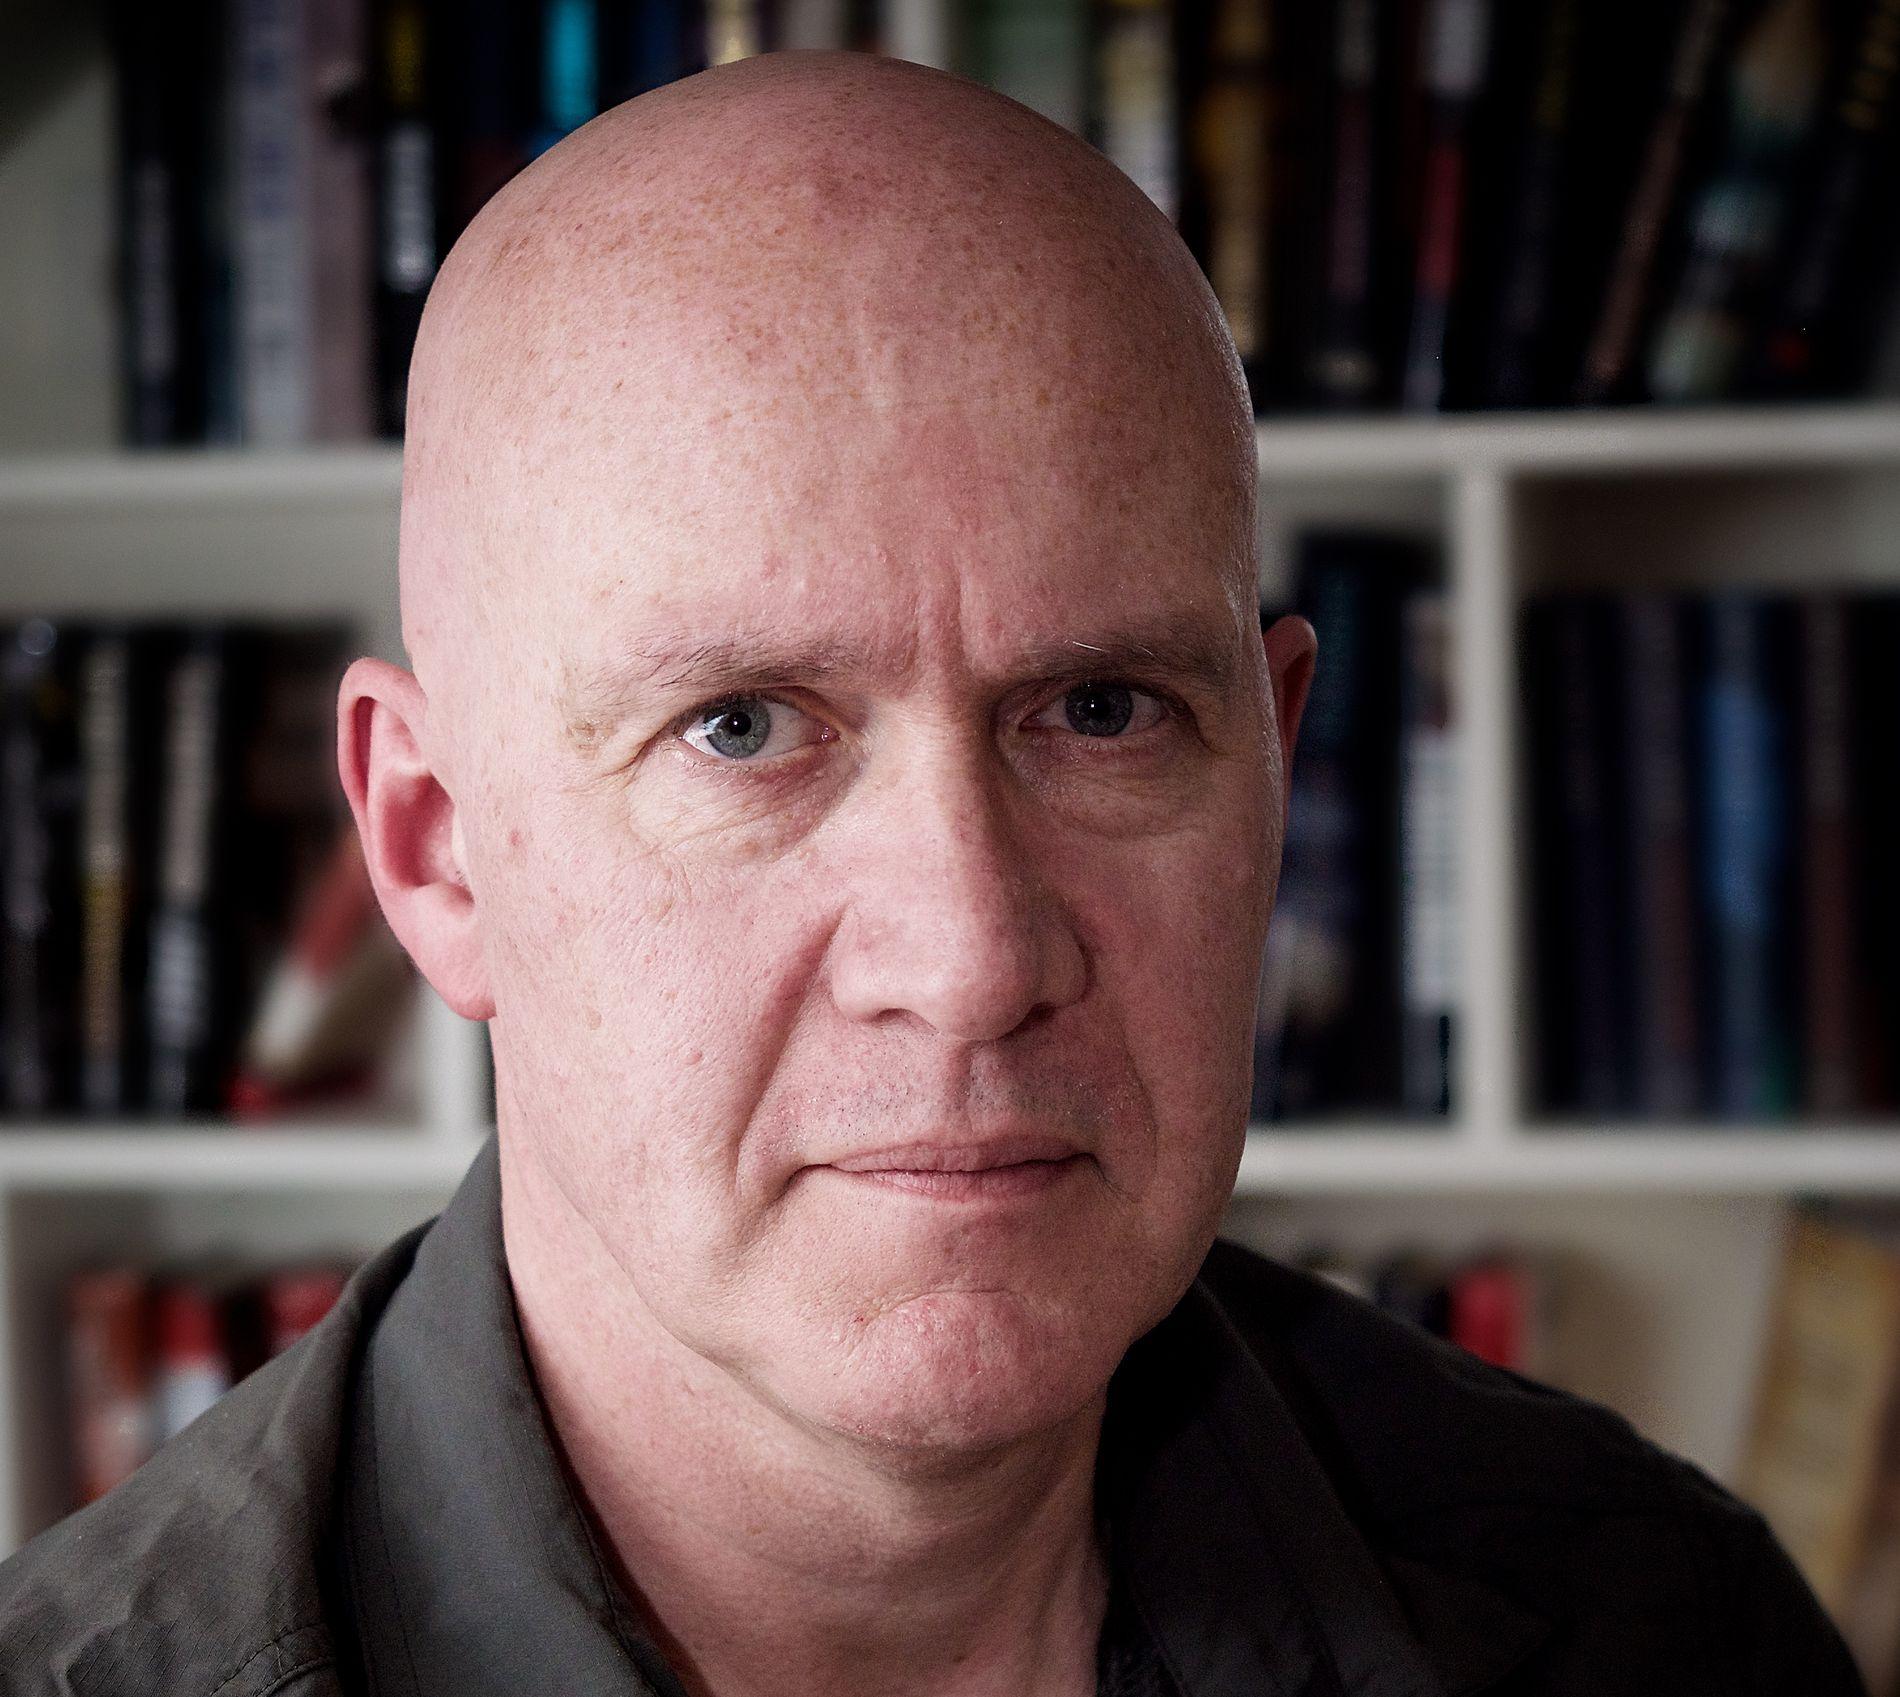 NY STORDALEN-FORFATTER: Eystein Hanssen har seks krimromaner bak seg på Cappelen Damm og kommer nå med en ny thillerserie på Stordalen-forlaget Capitana.